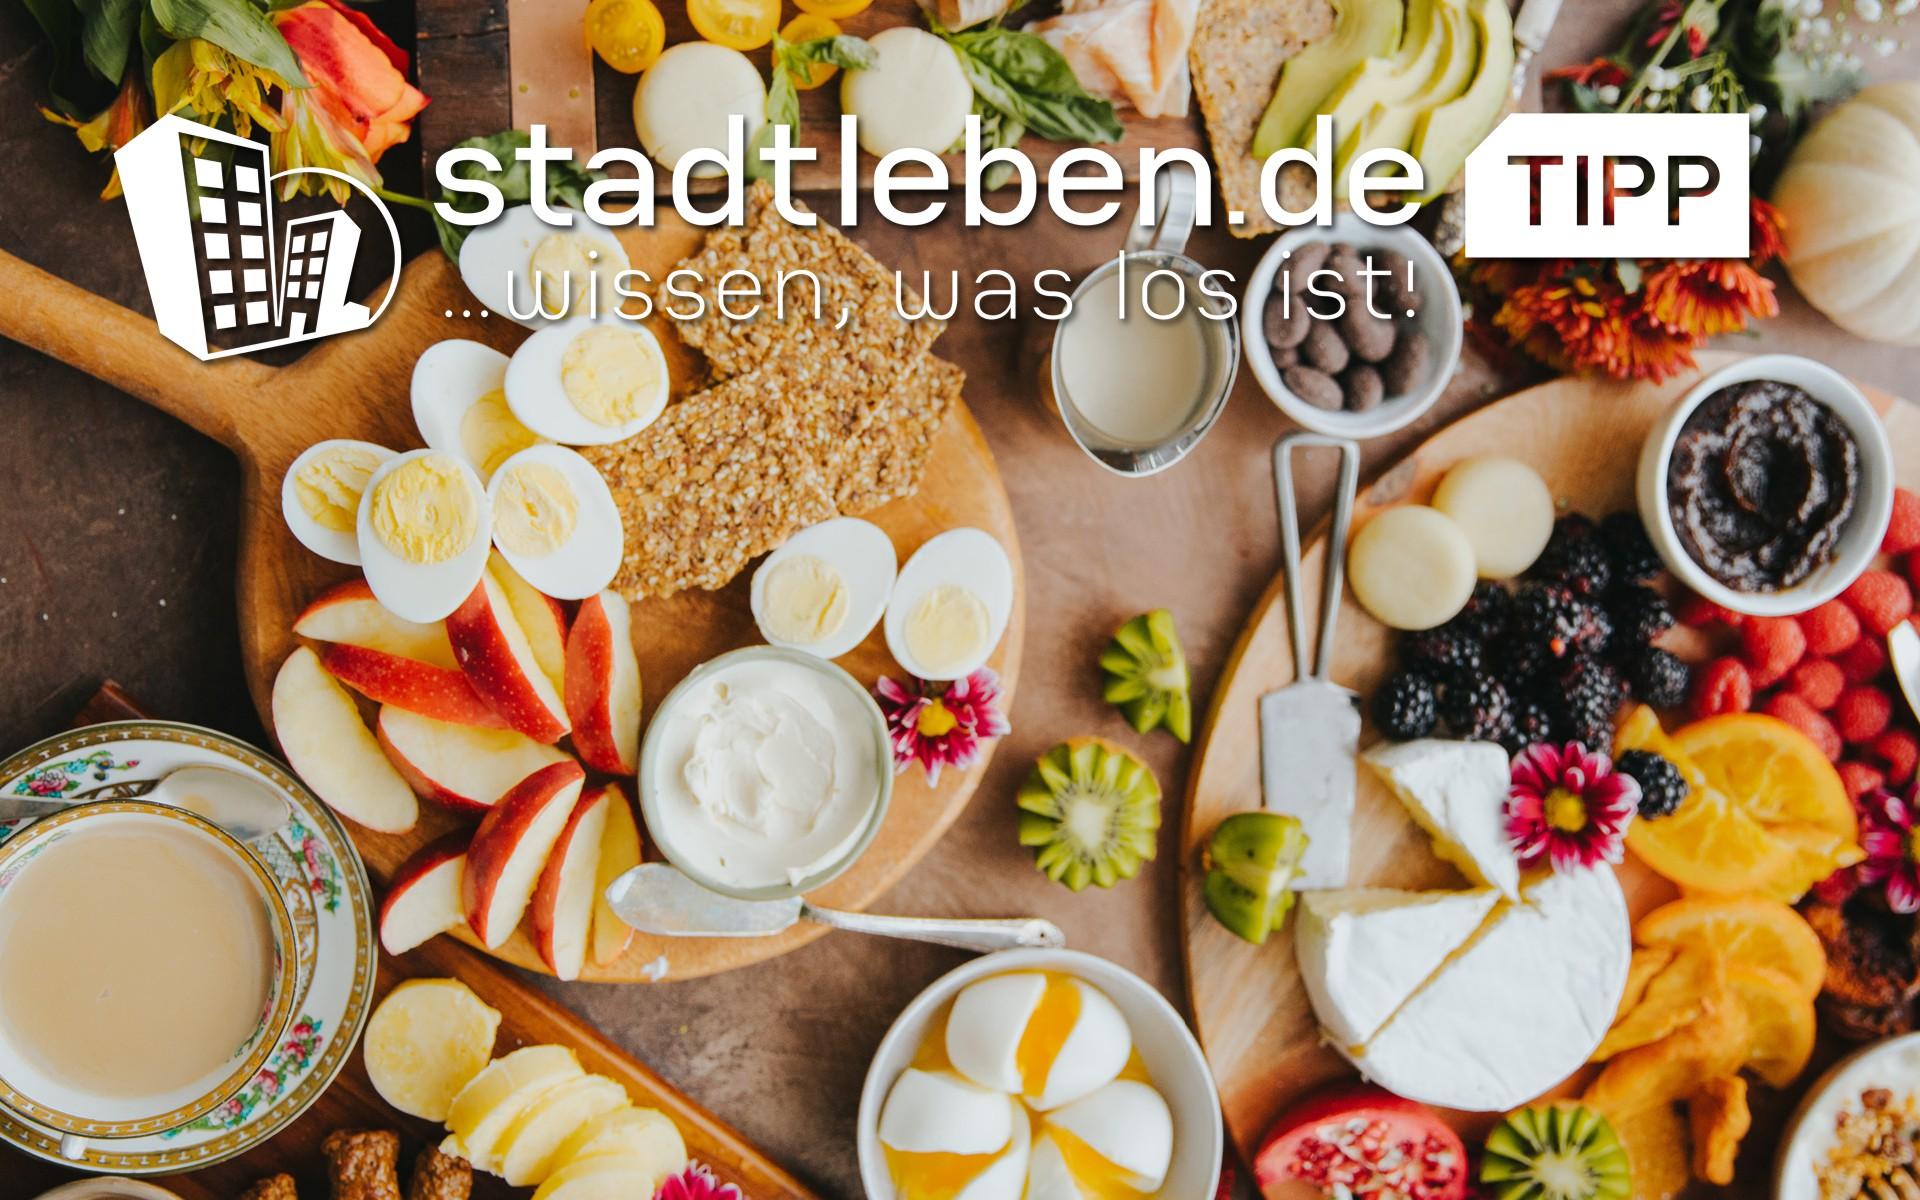 Orangensaft, Kaffee, Gemüse, Speck, Würstchen, Rührei, Bohnen, Brot, Champignons